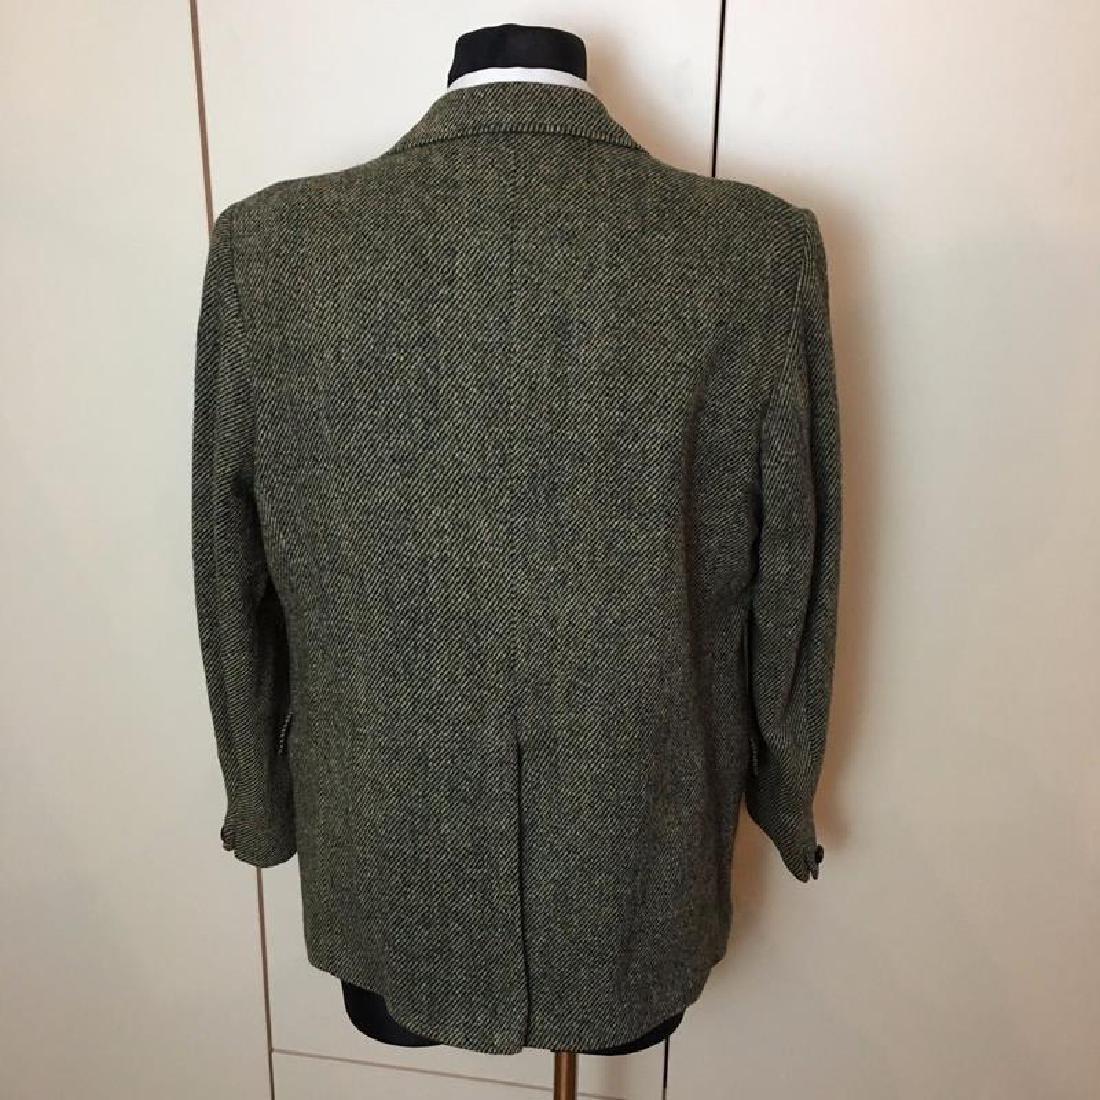 Men's Harris Tweed Handwoven Wool Blazer Jacket Size 50 - 4